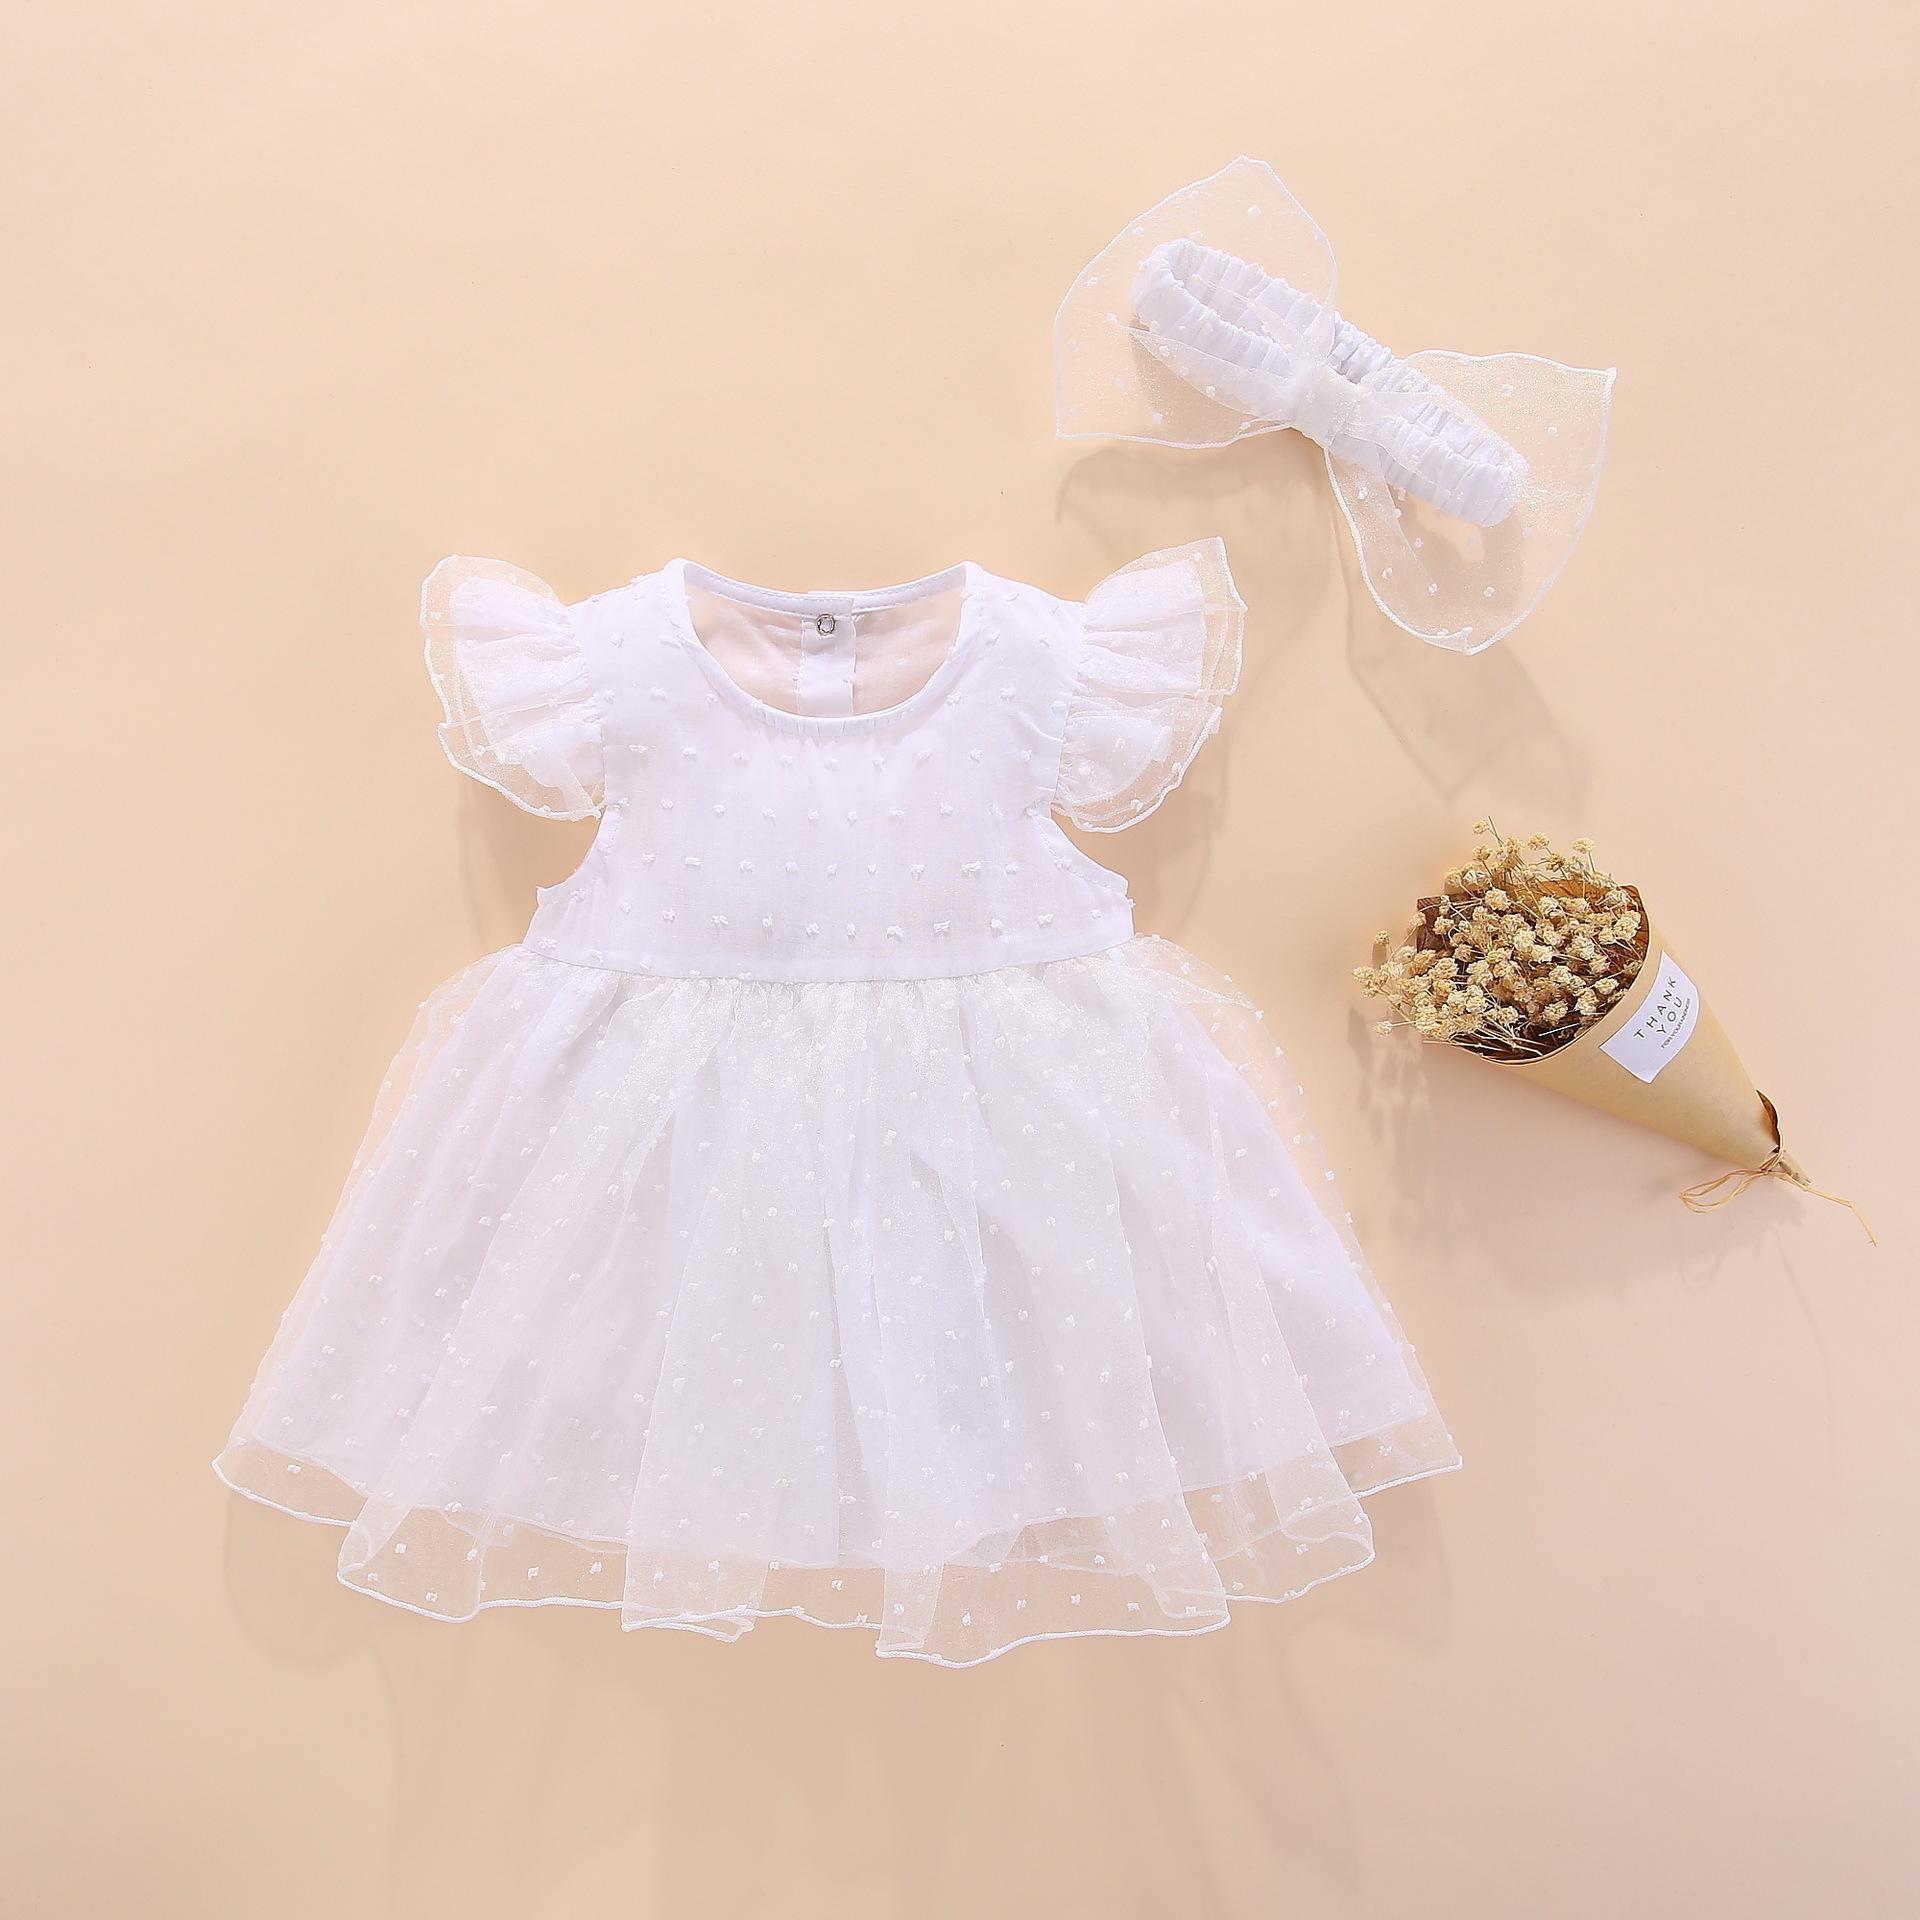 Новорожденный ребенок платье кружевной комплект 3 месяца детская одежда мой первый день рождения 6 детская одежда девушка лето принцесса пачка комбинезон Y19050801